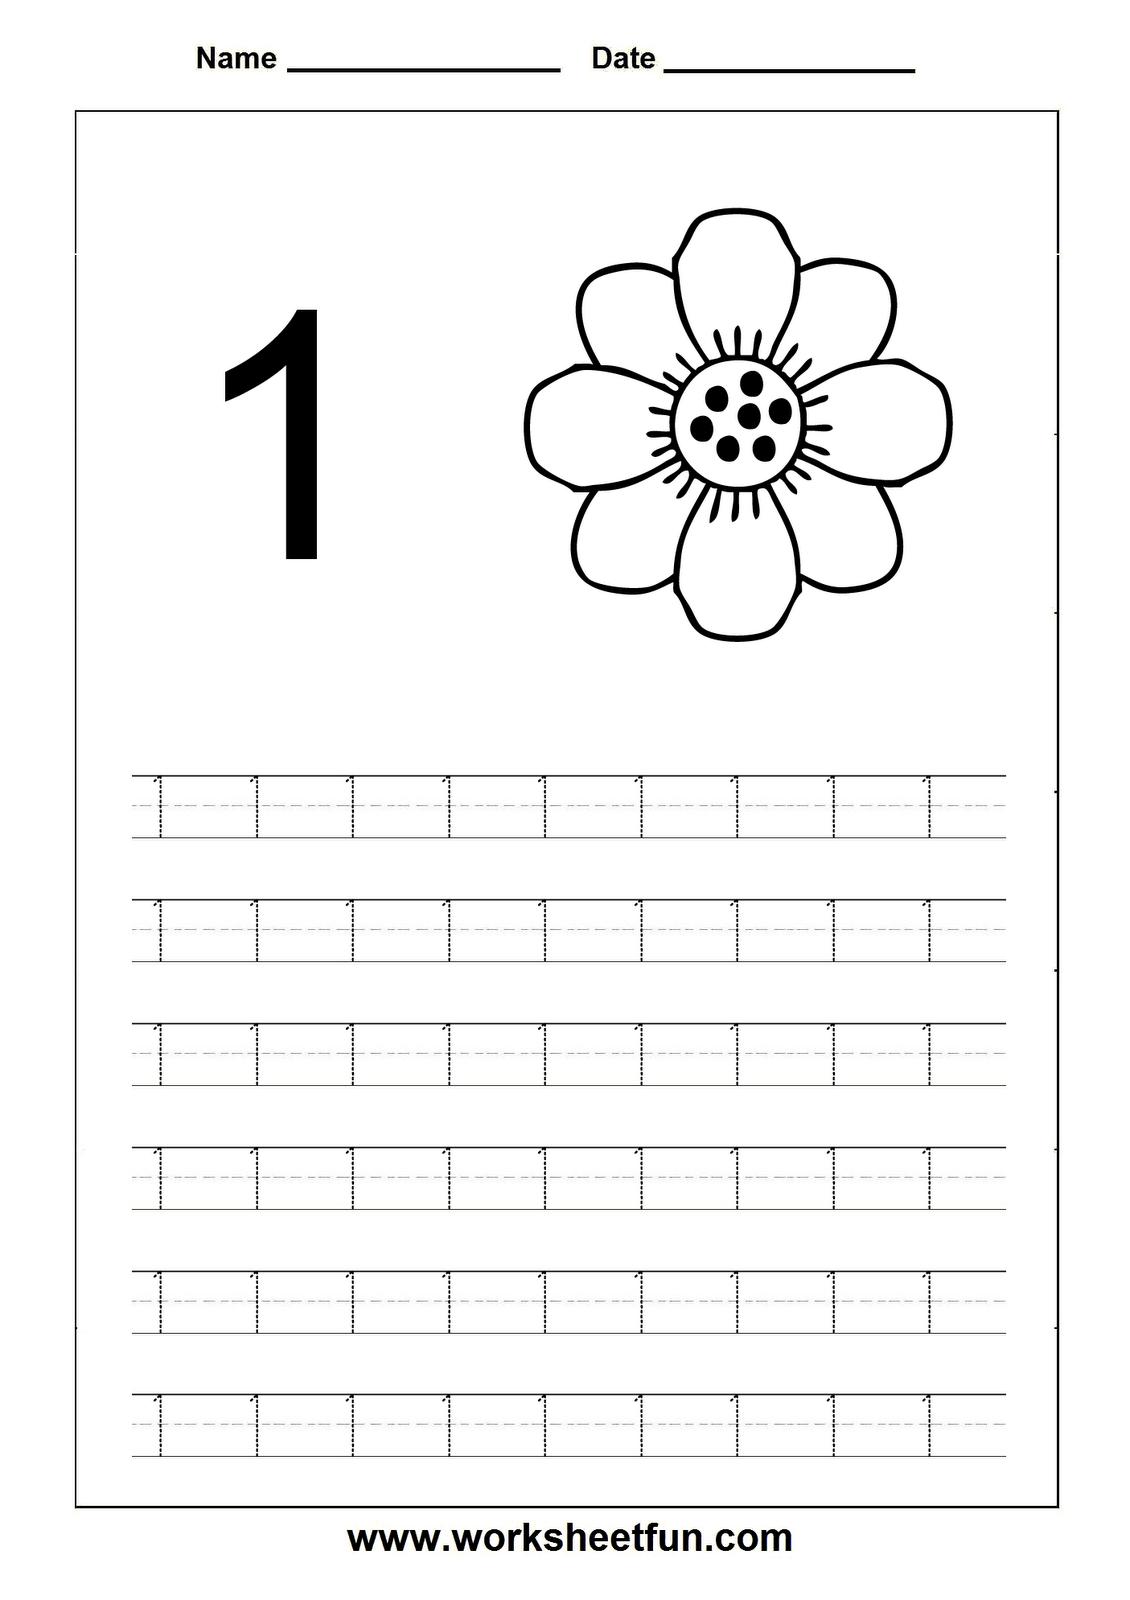 Number tracing worksheets for Kindergarten and Preschool. Website ...